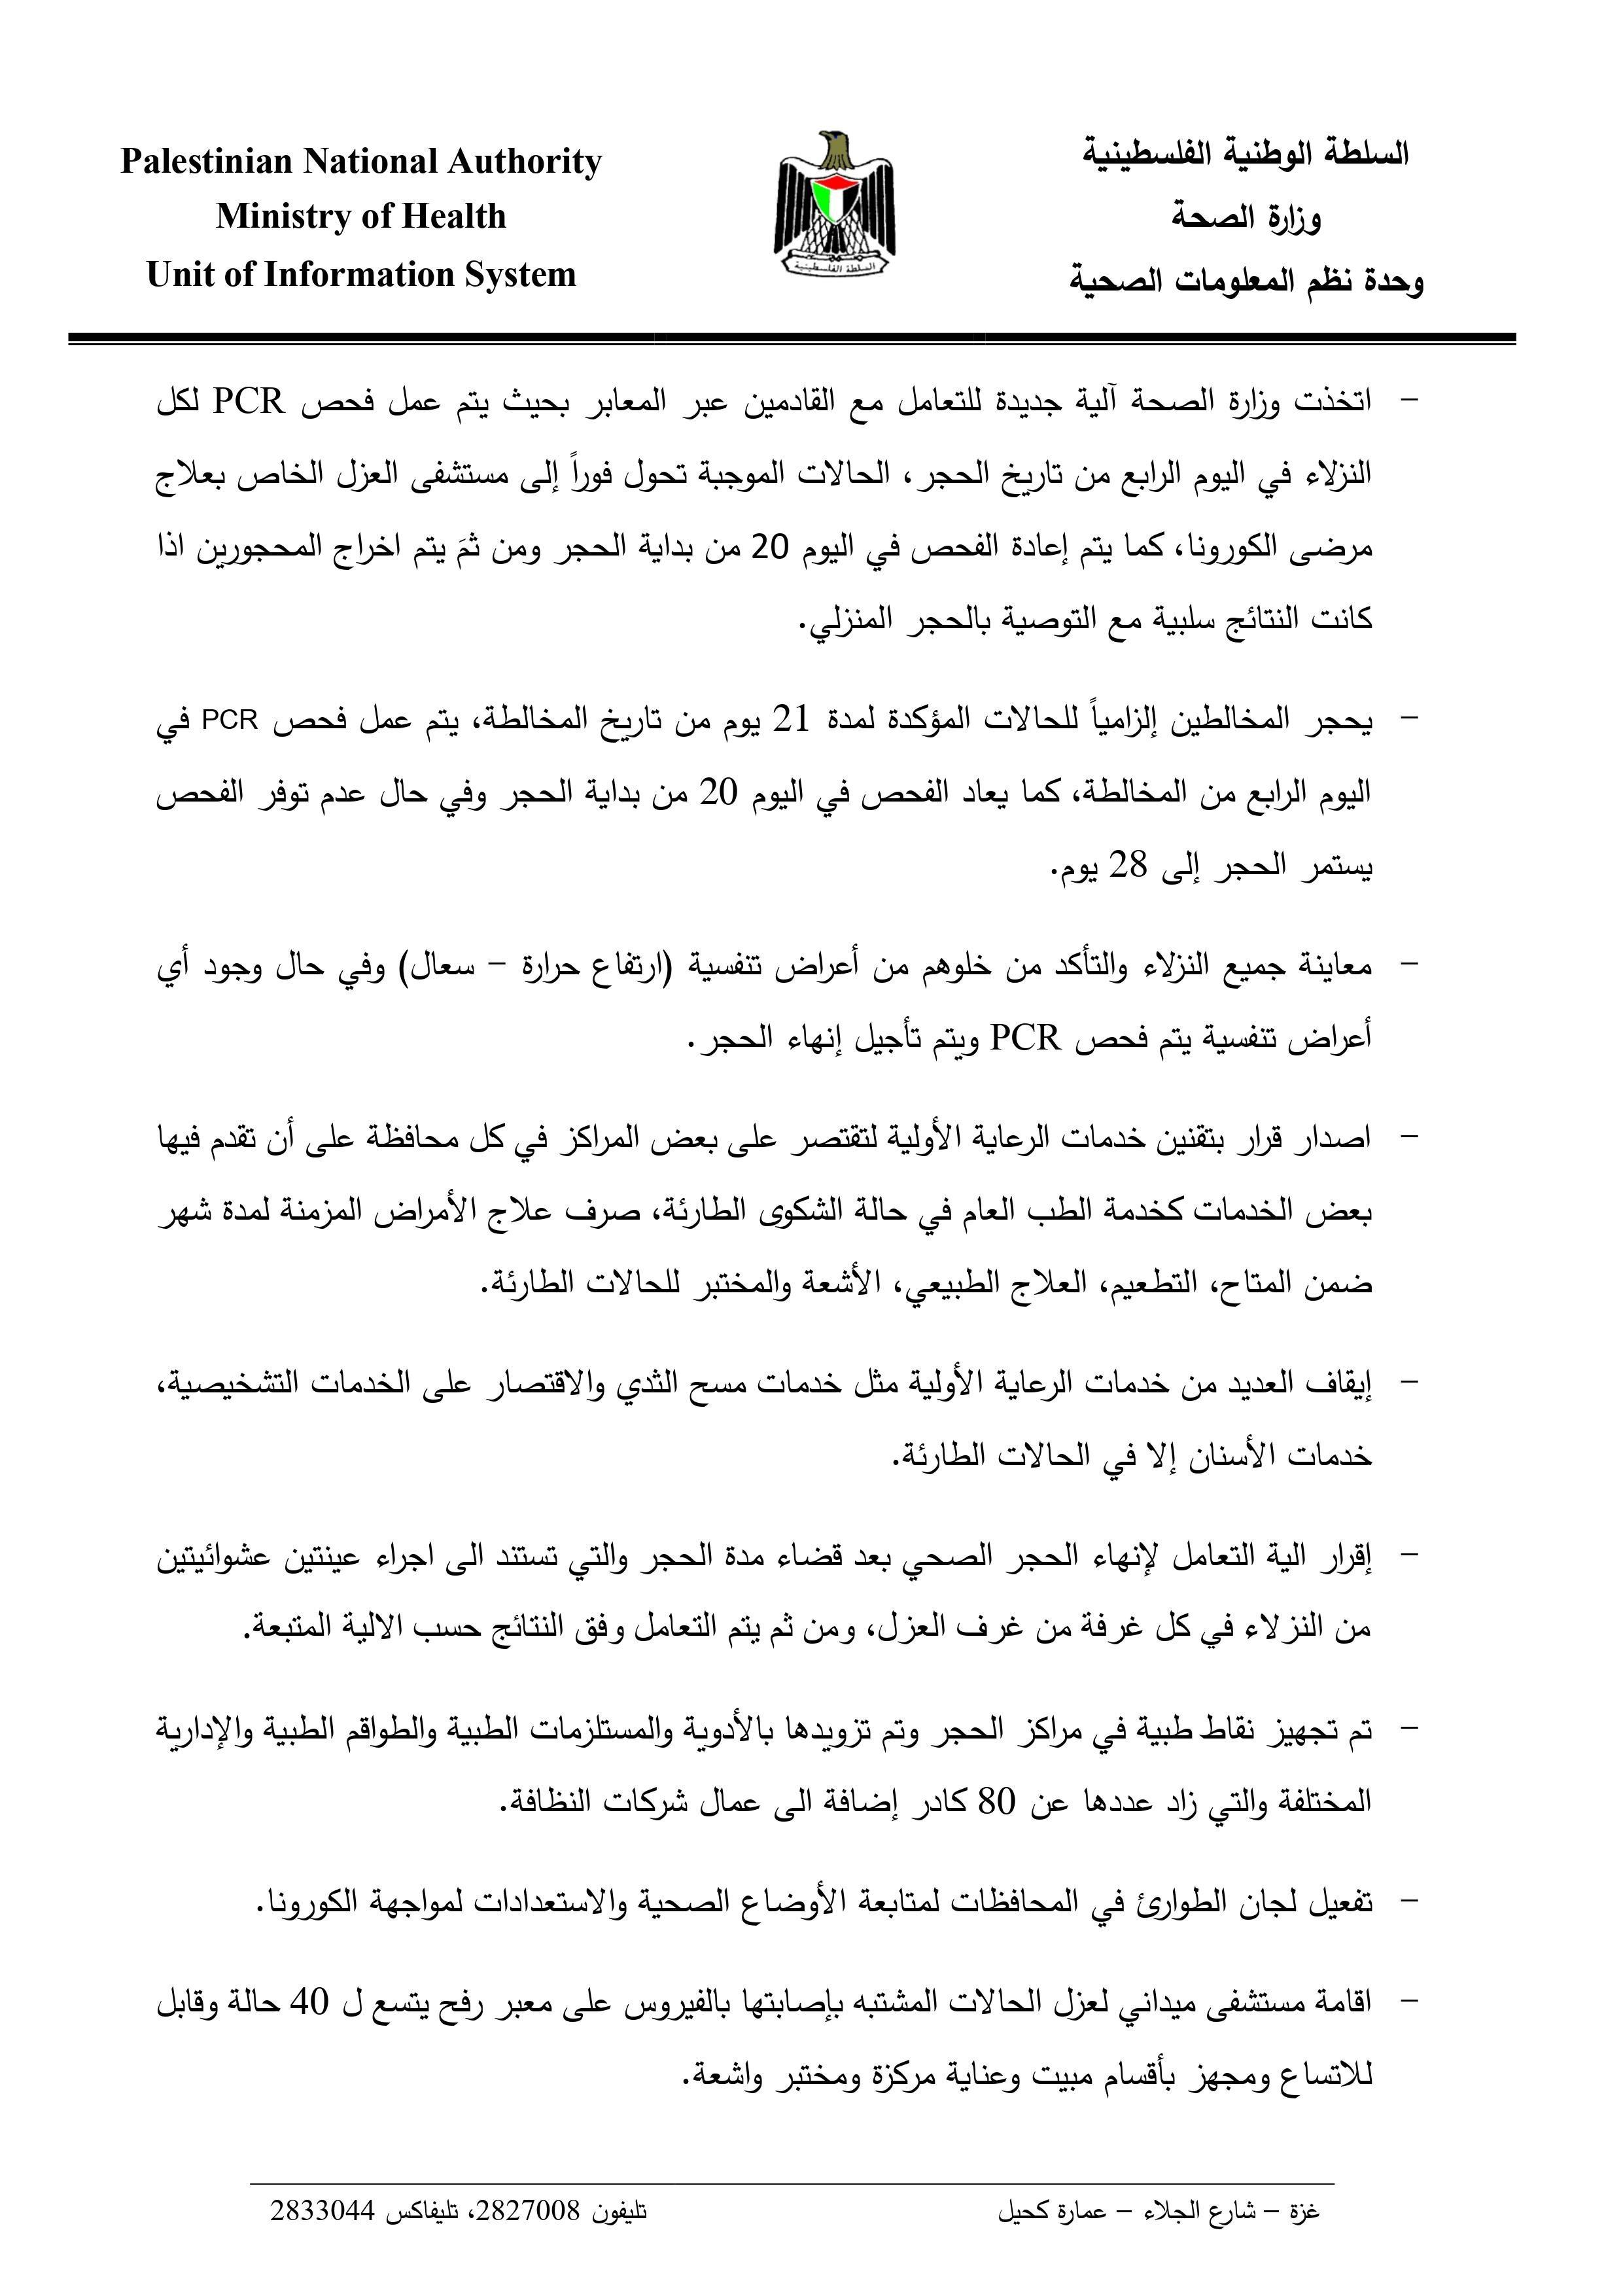 شاهد: صحة غزة تُصدر التقرير اليومي لآخر مستجدات فيروسكورونا